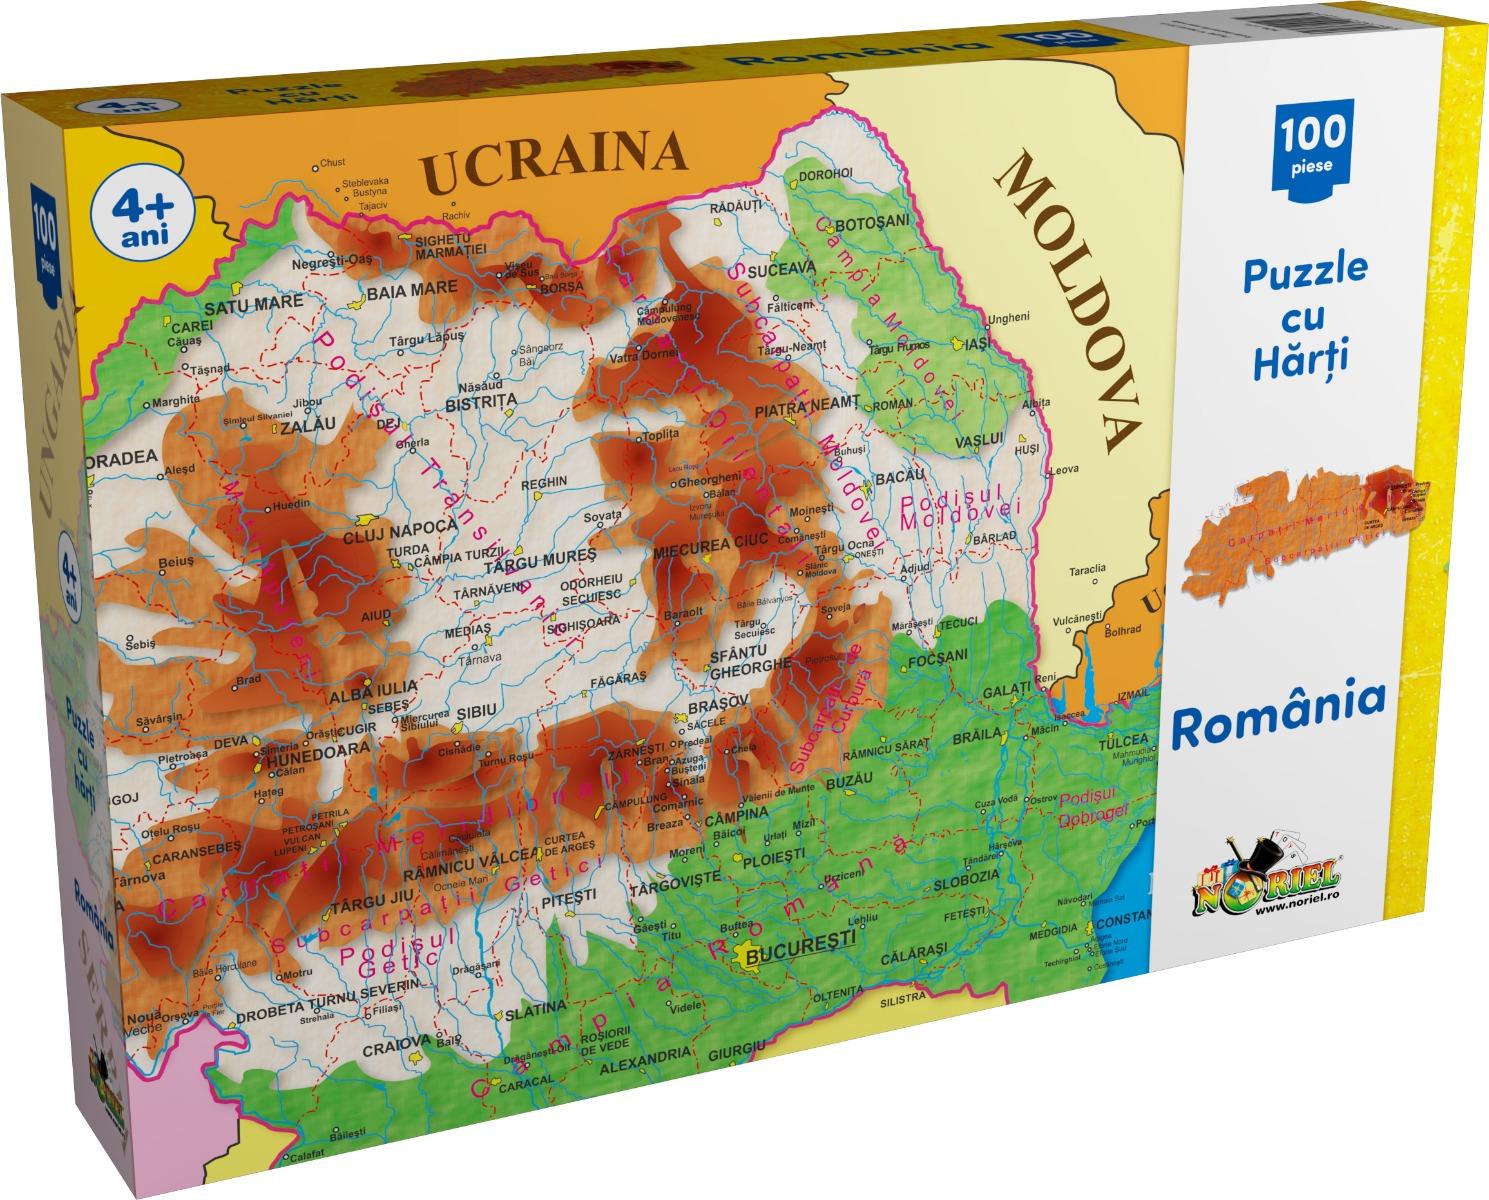 Puzzle Noriel cu harti 100 de piese - Harta Romaniei